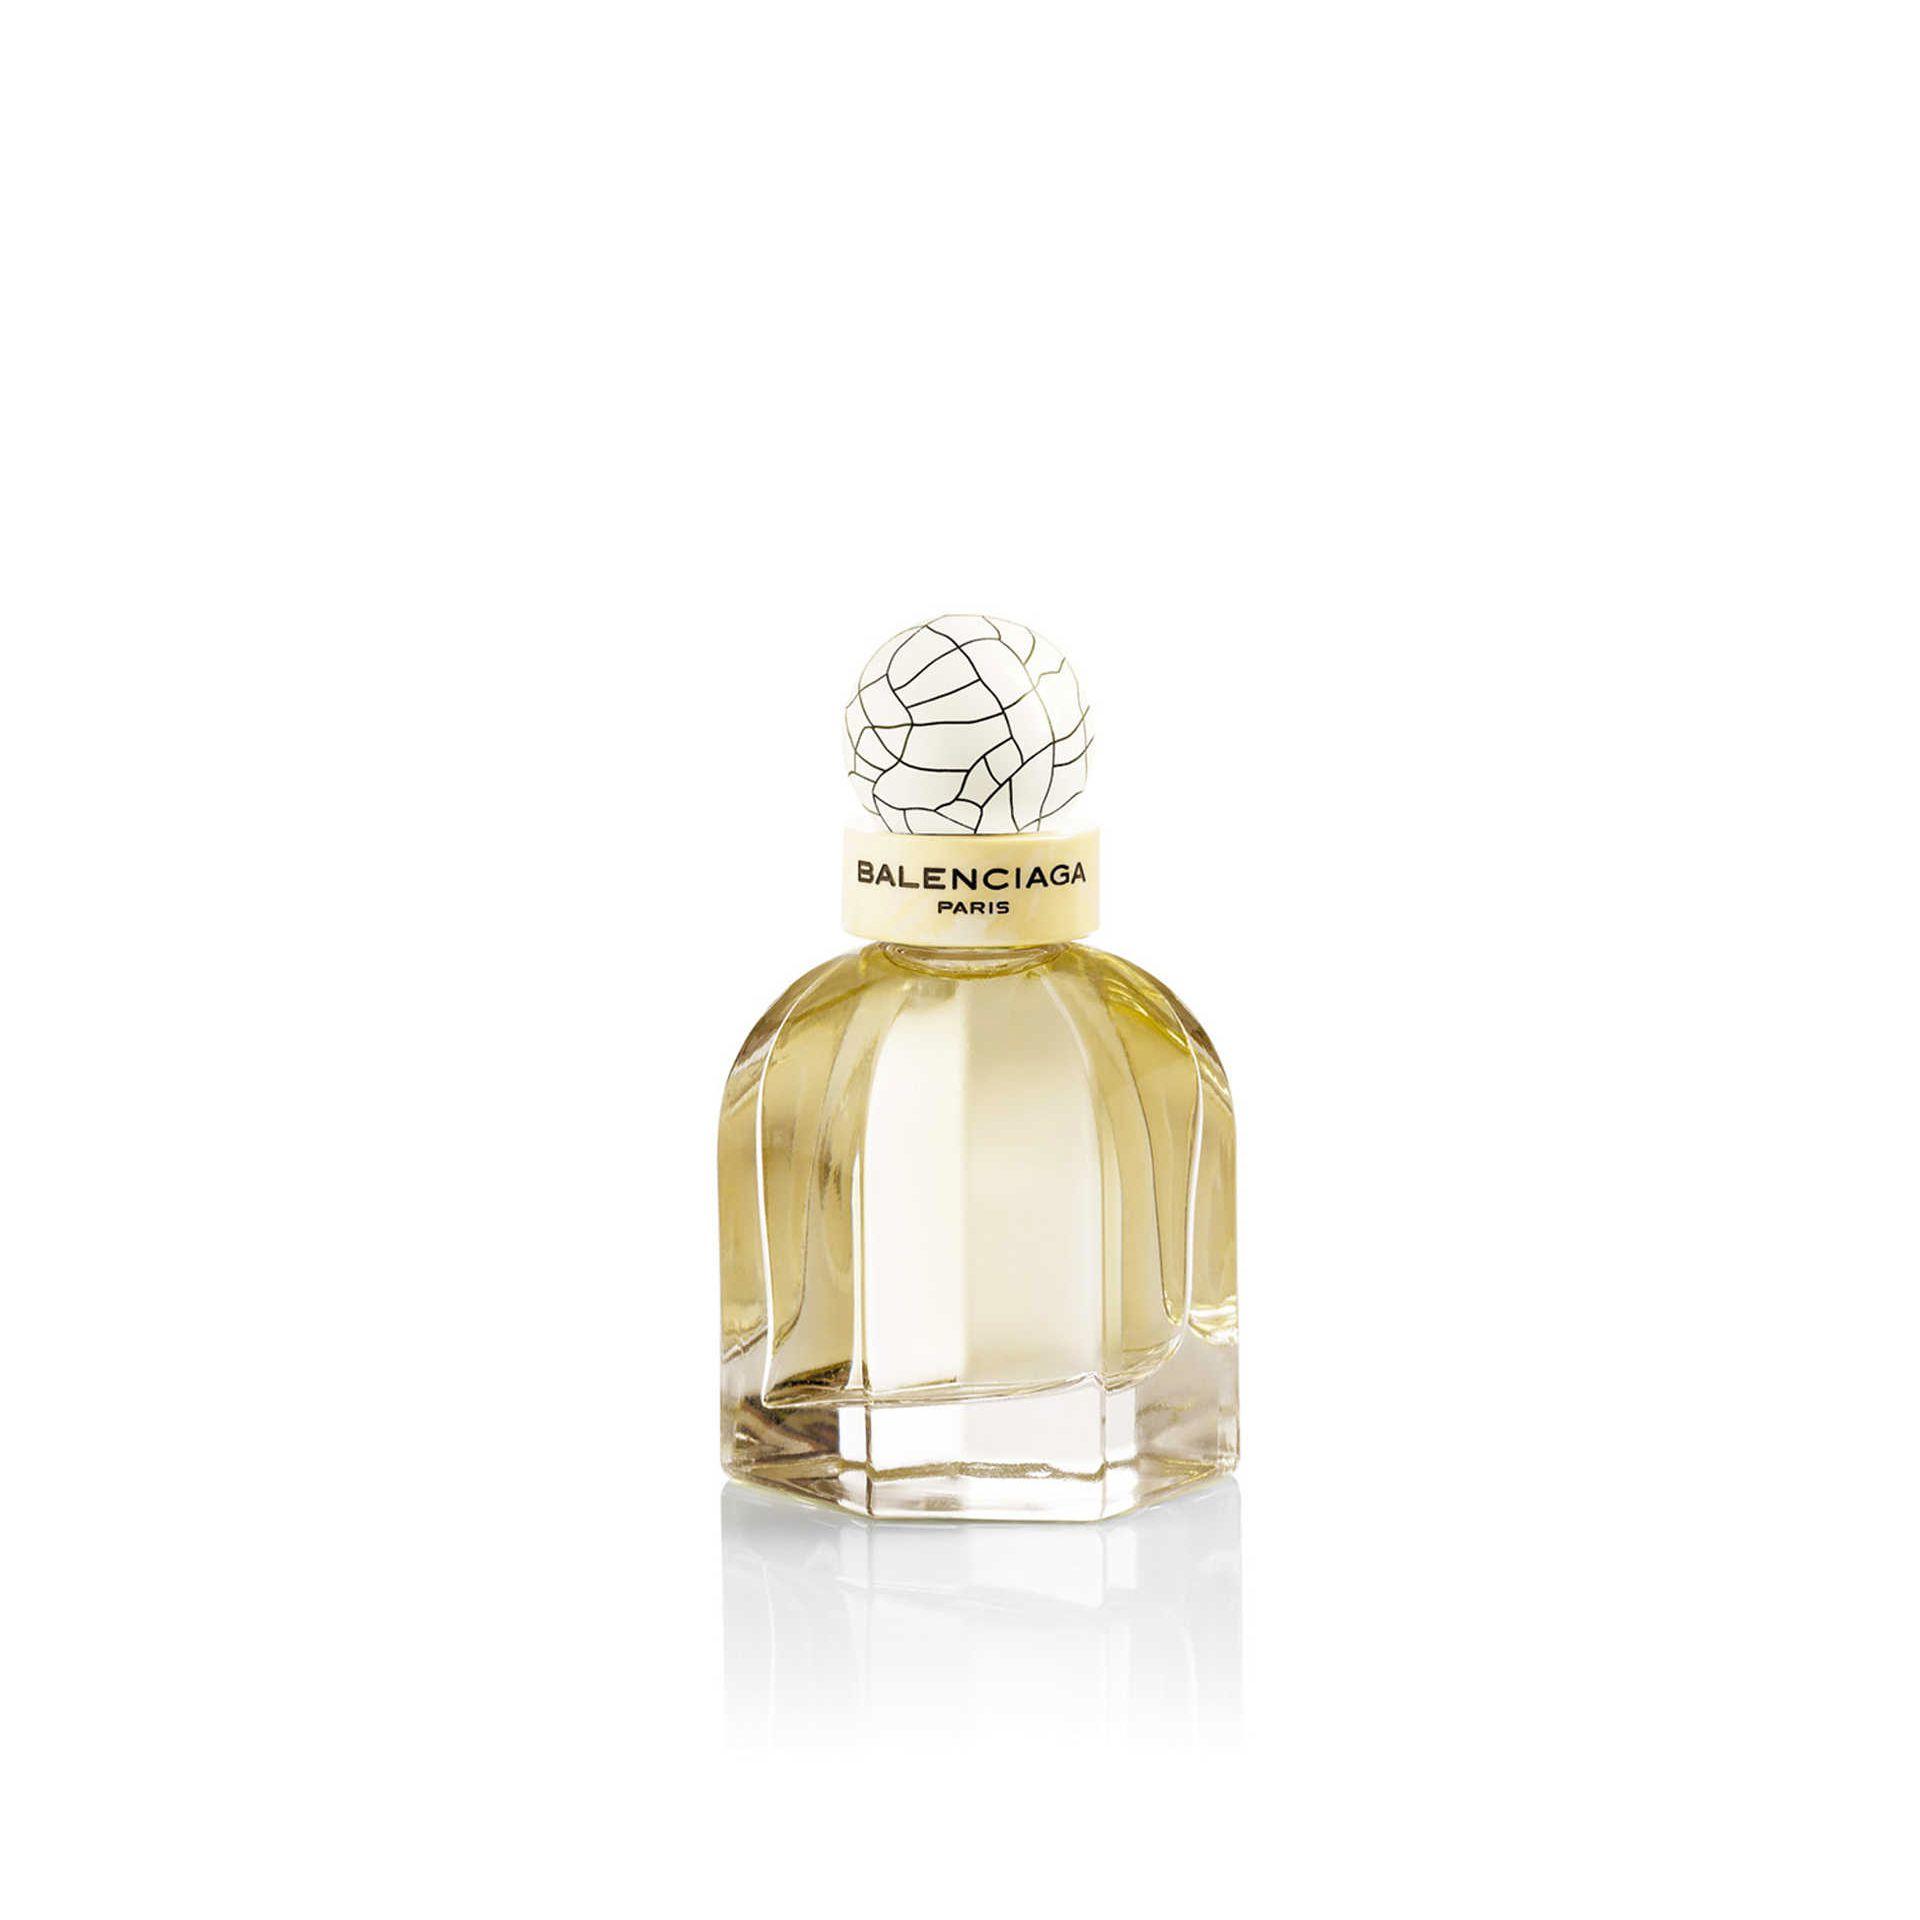 BALENCIAGA Balenciaga Paris Eau De Parfum 30Ml Perfume Balenciaga Paris D f